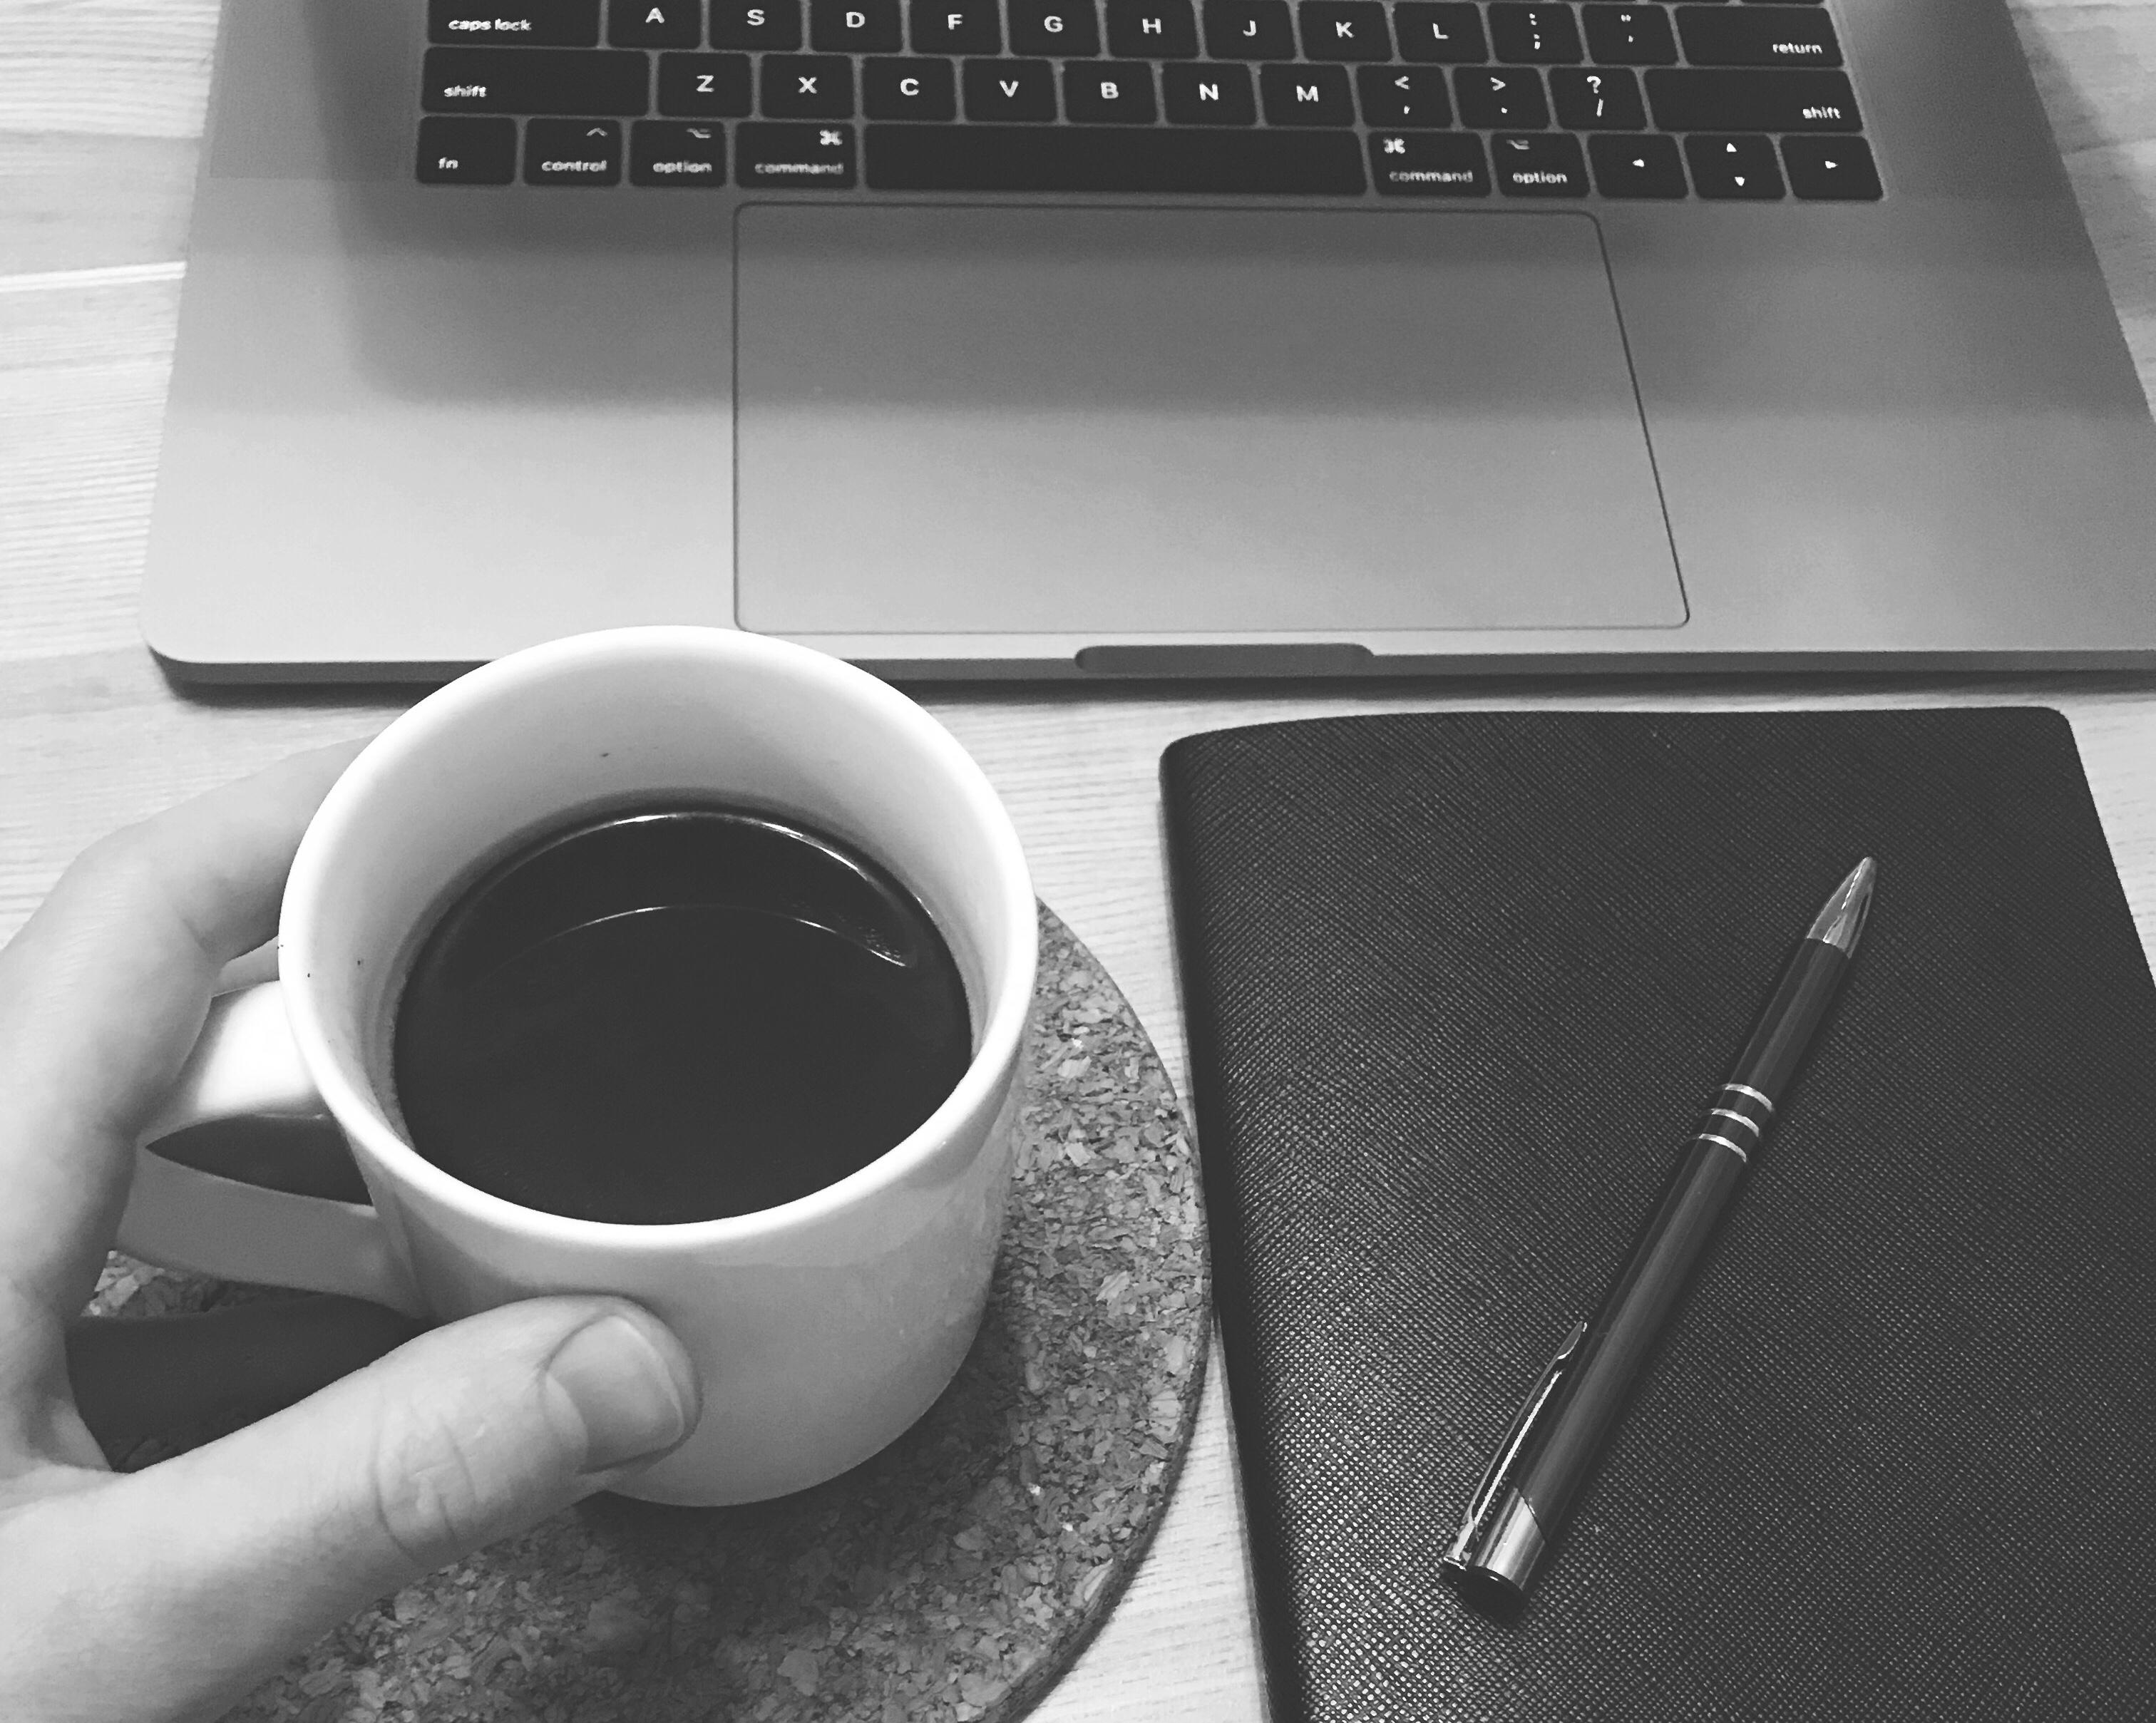 Реальный дизайн-процесс. Пошаговый рассказ о том, как создать бизнес-ориентированный сайт